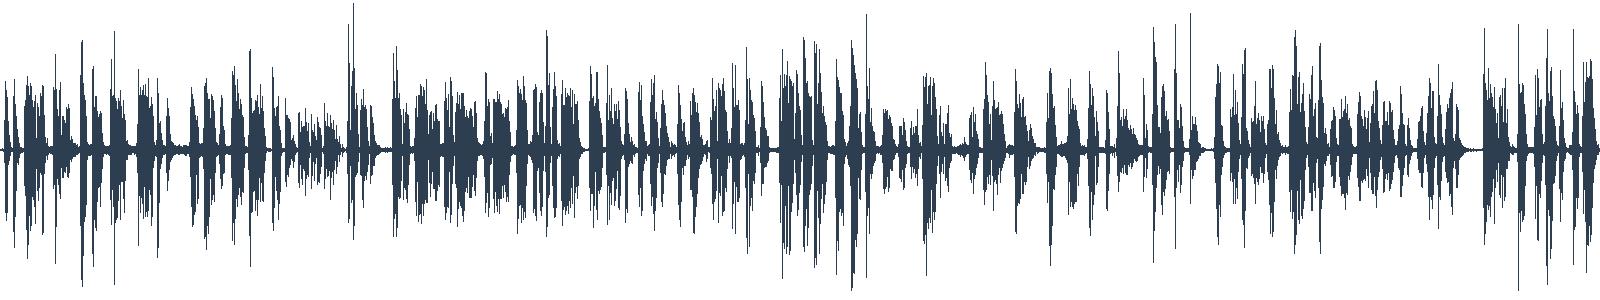 Krišna Avatár (ukázka z audioknihy) waveform